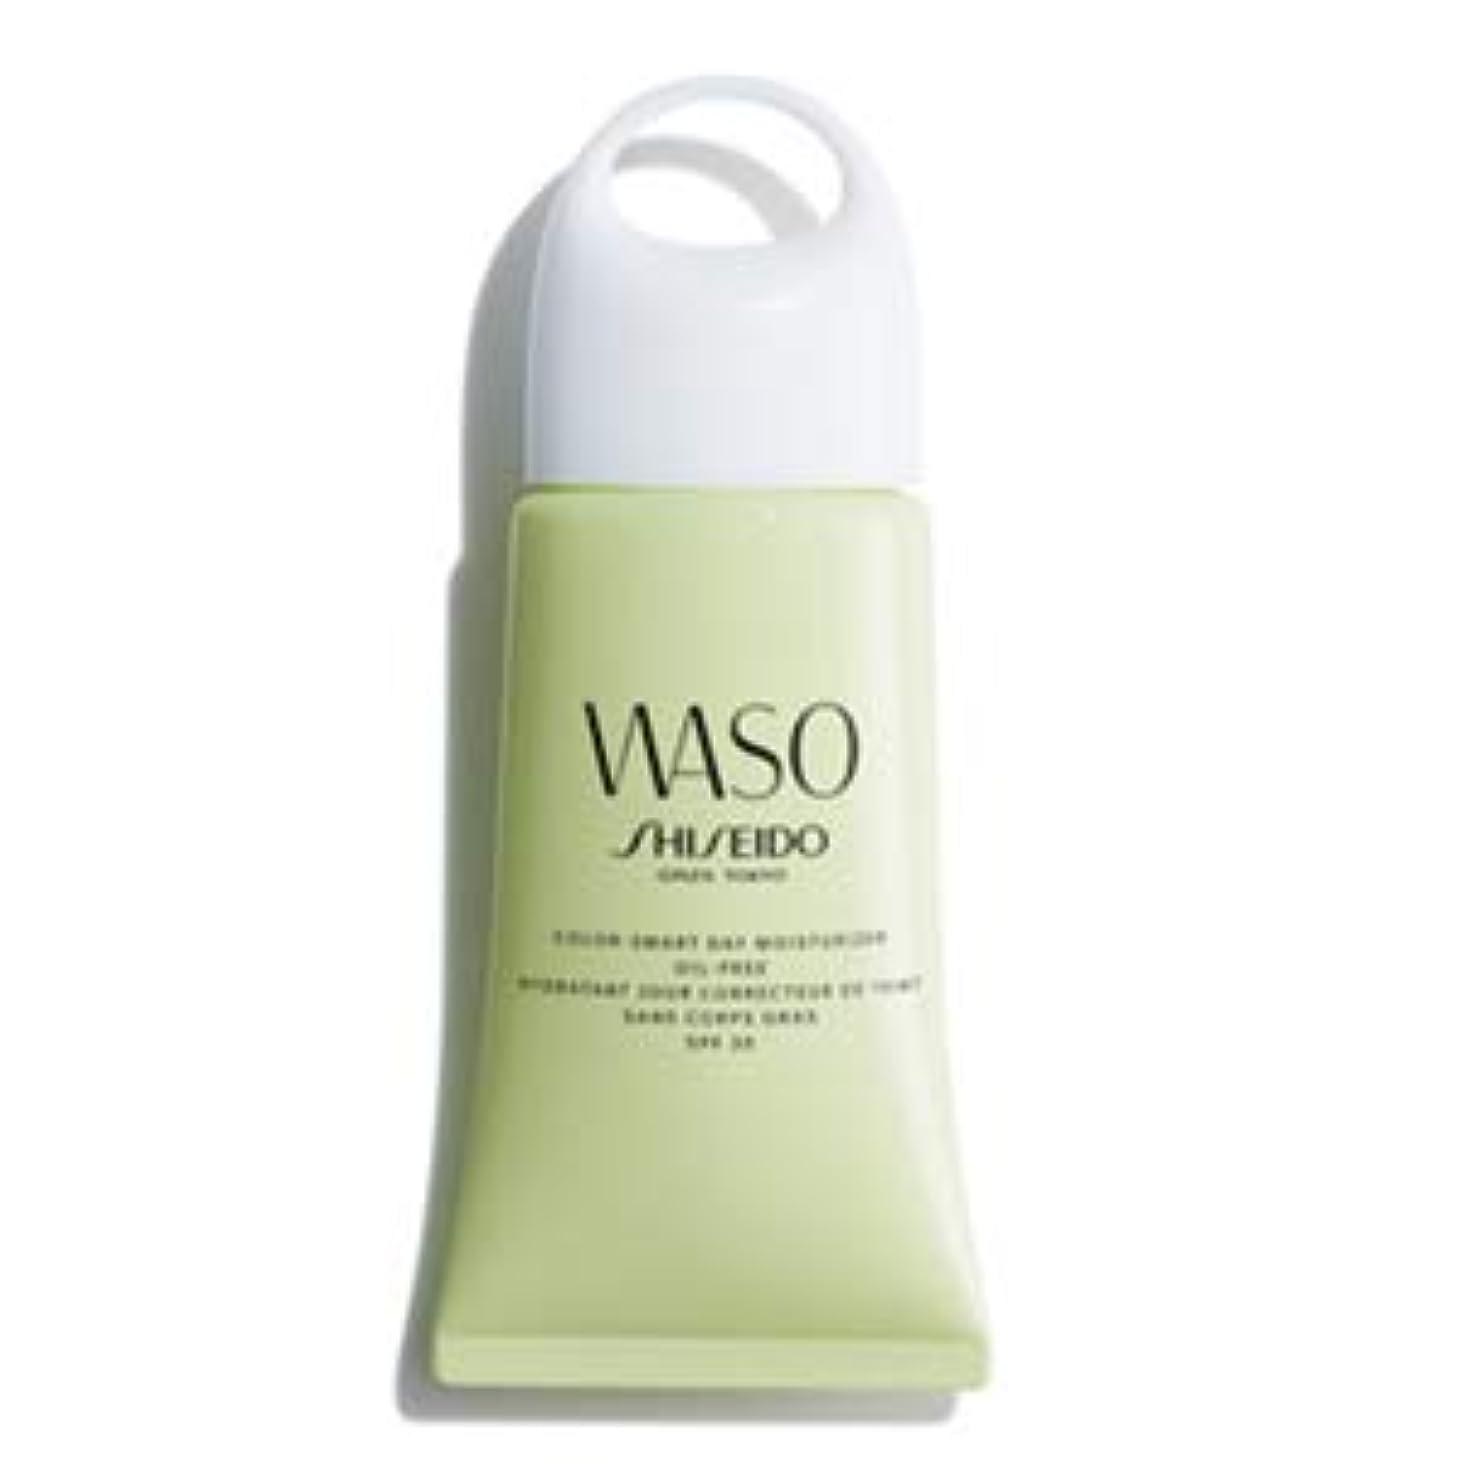 めるエキゾチック不潔WASO(ワソウ) カラー スマート デー モイスチャライザー オイルフリー PA+++ / SPF30 (日中用乳液)_55g